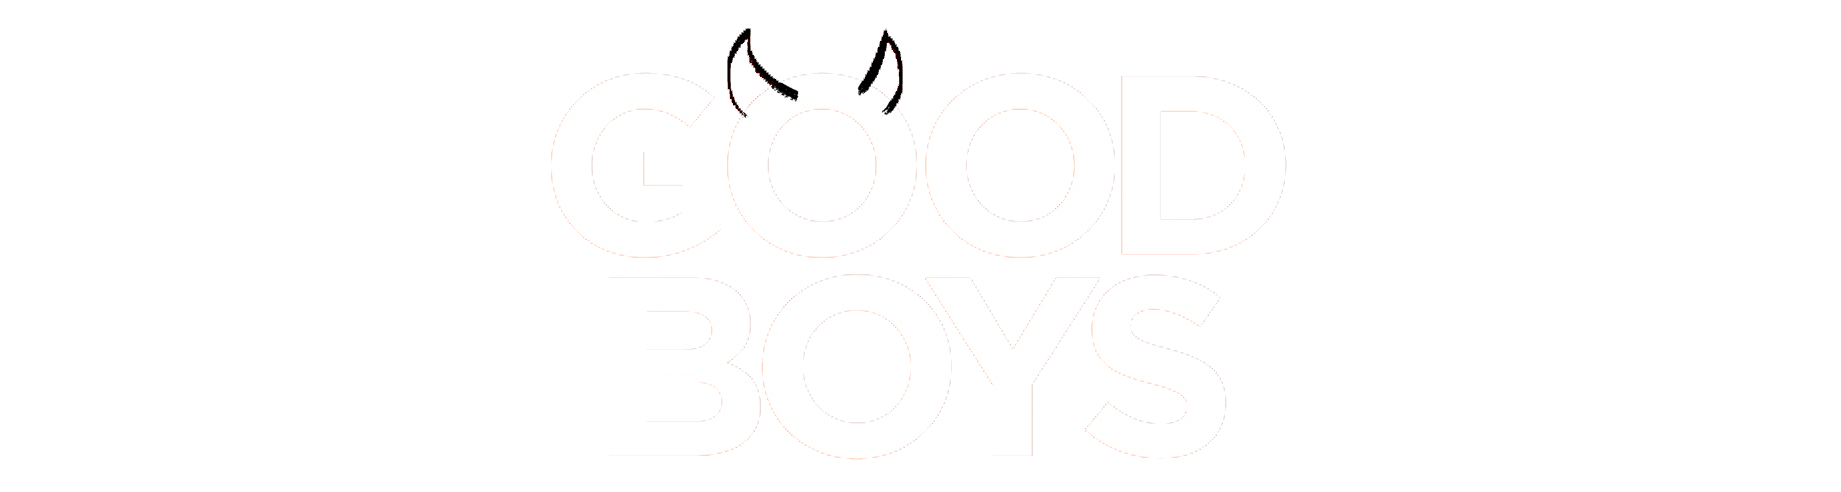 88a4a730 Good Boys - Kinobilletter og program - Filmweb